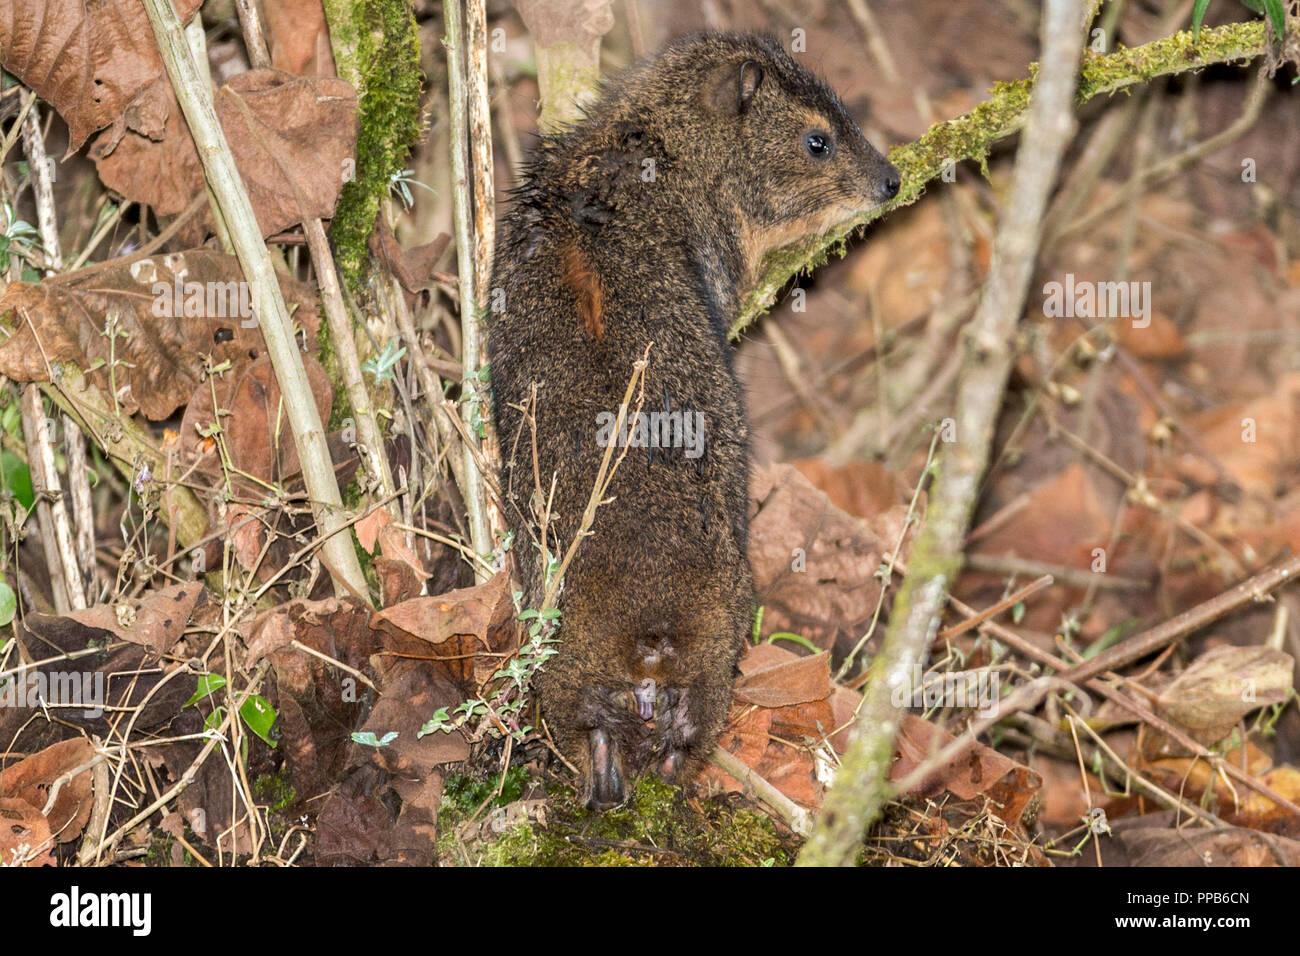 Tree Hyrax aka tree dassies, Bale Mountains, Ethiopia - Stock Image